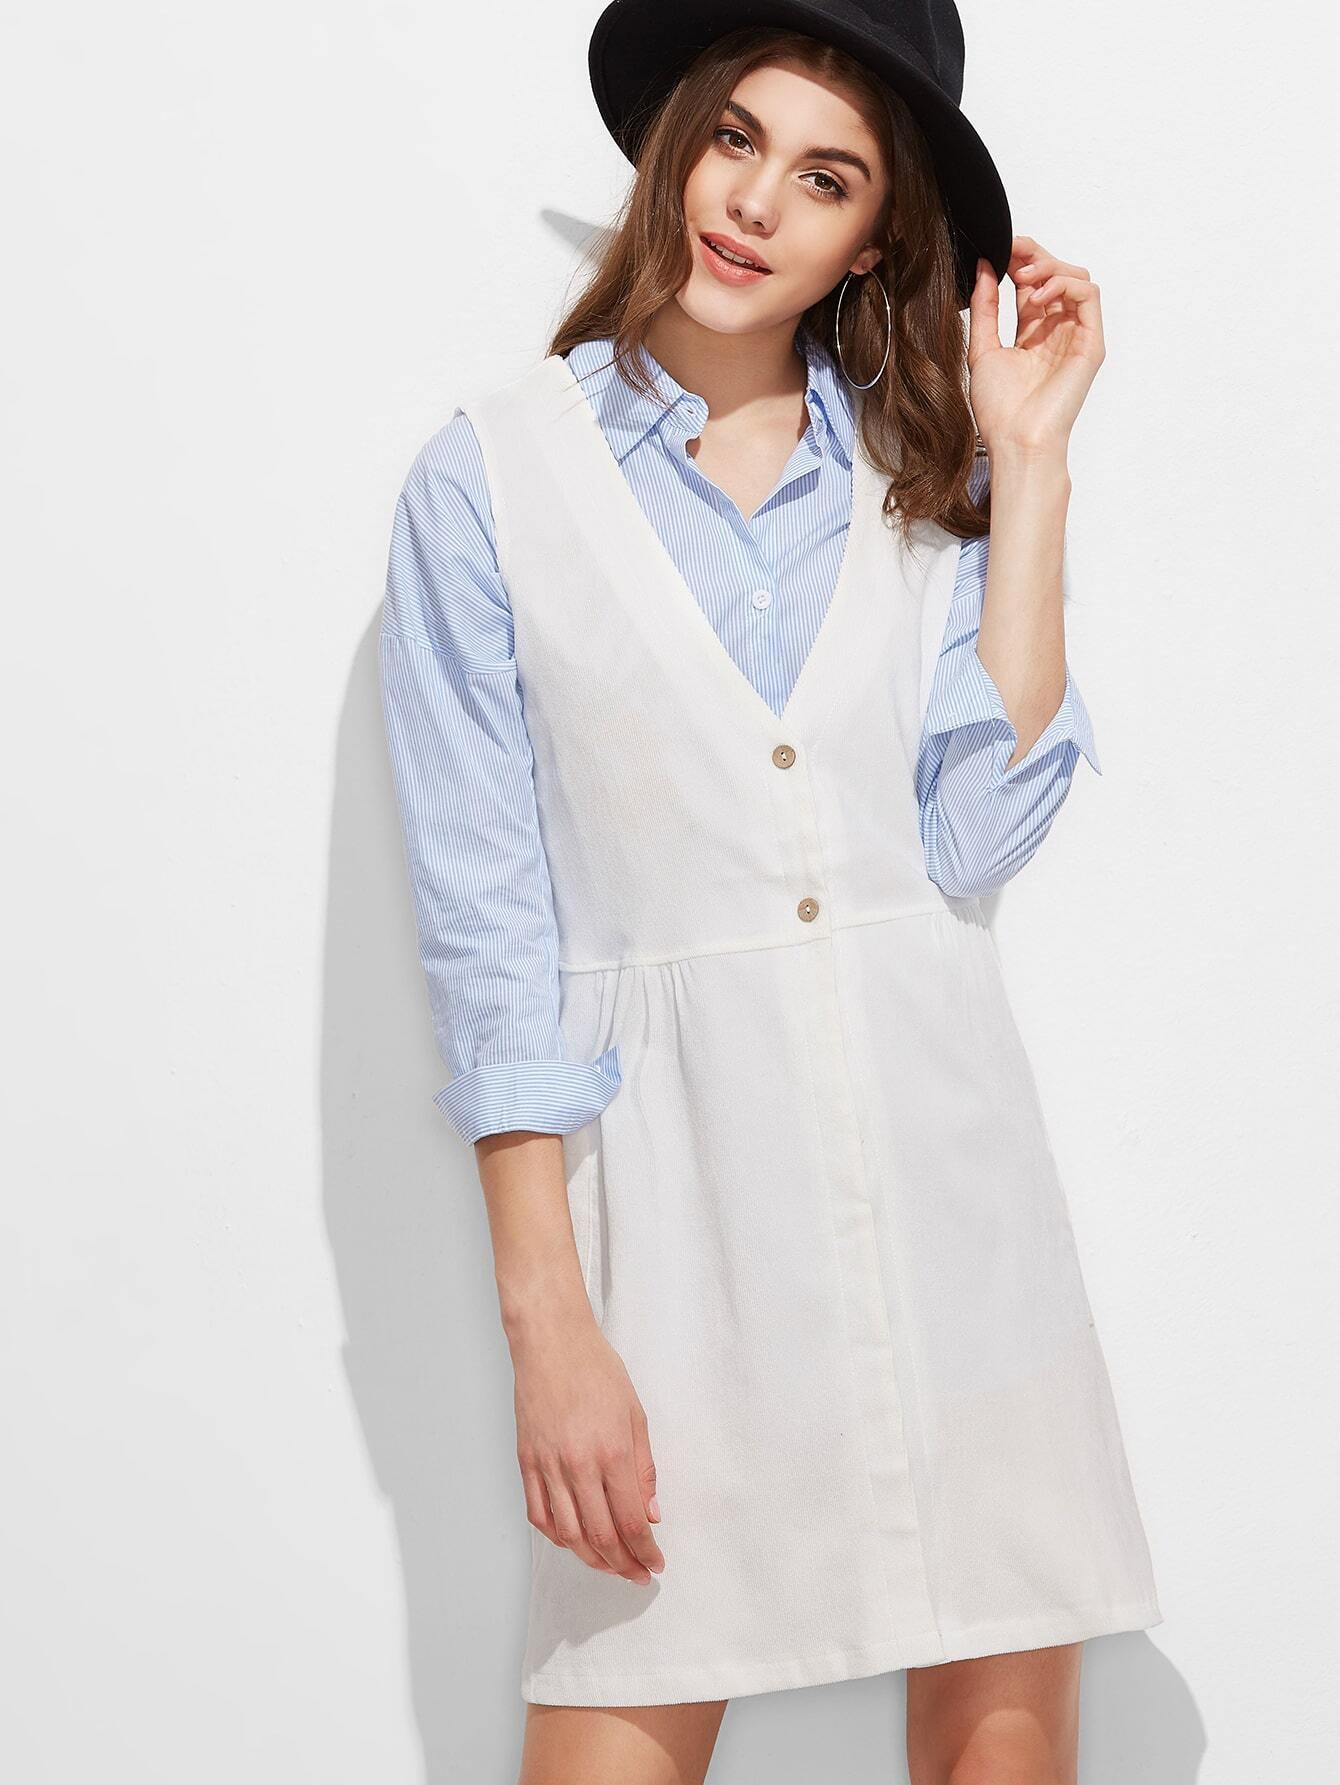 White Deep V Neck Pinafore DressWhite Deep V Neck Pinafore Dress<br><br>color: White<br>size: one-size